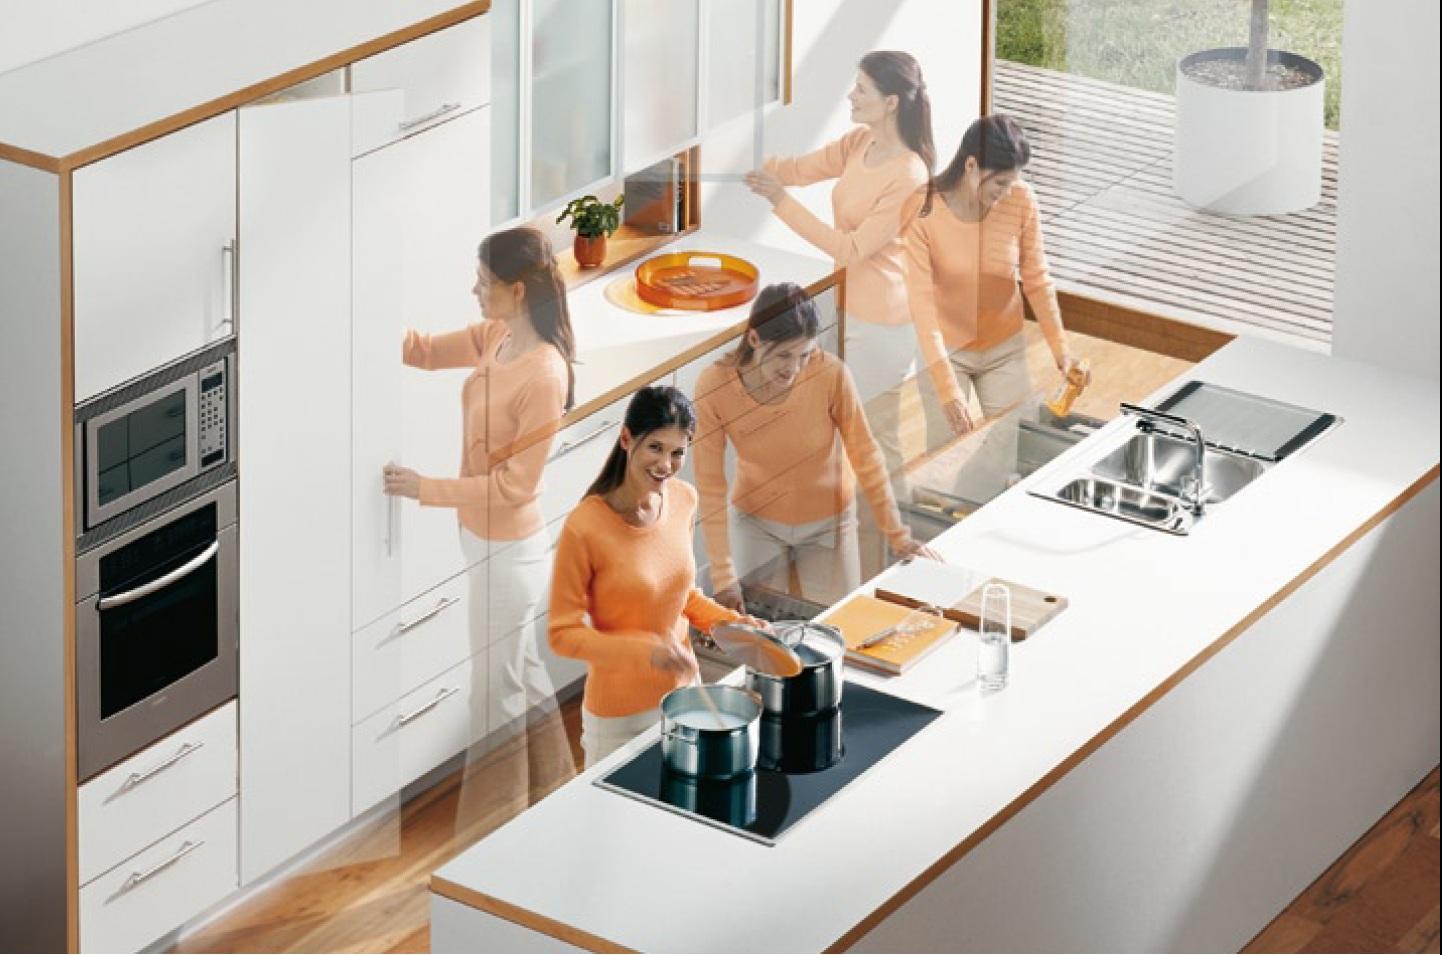 Продуманная эргономика кухни позволяет нам экономить время и силы.